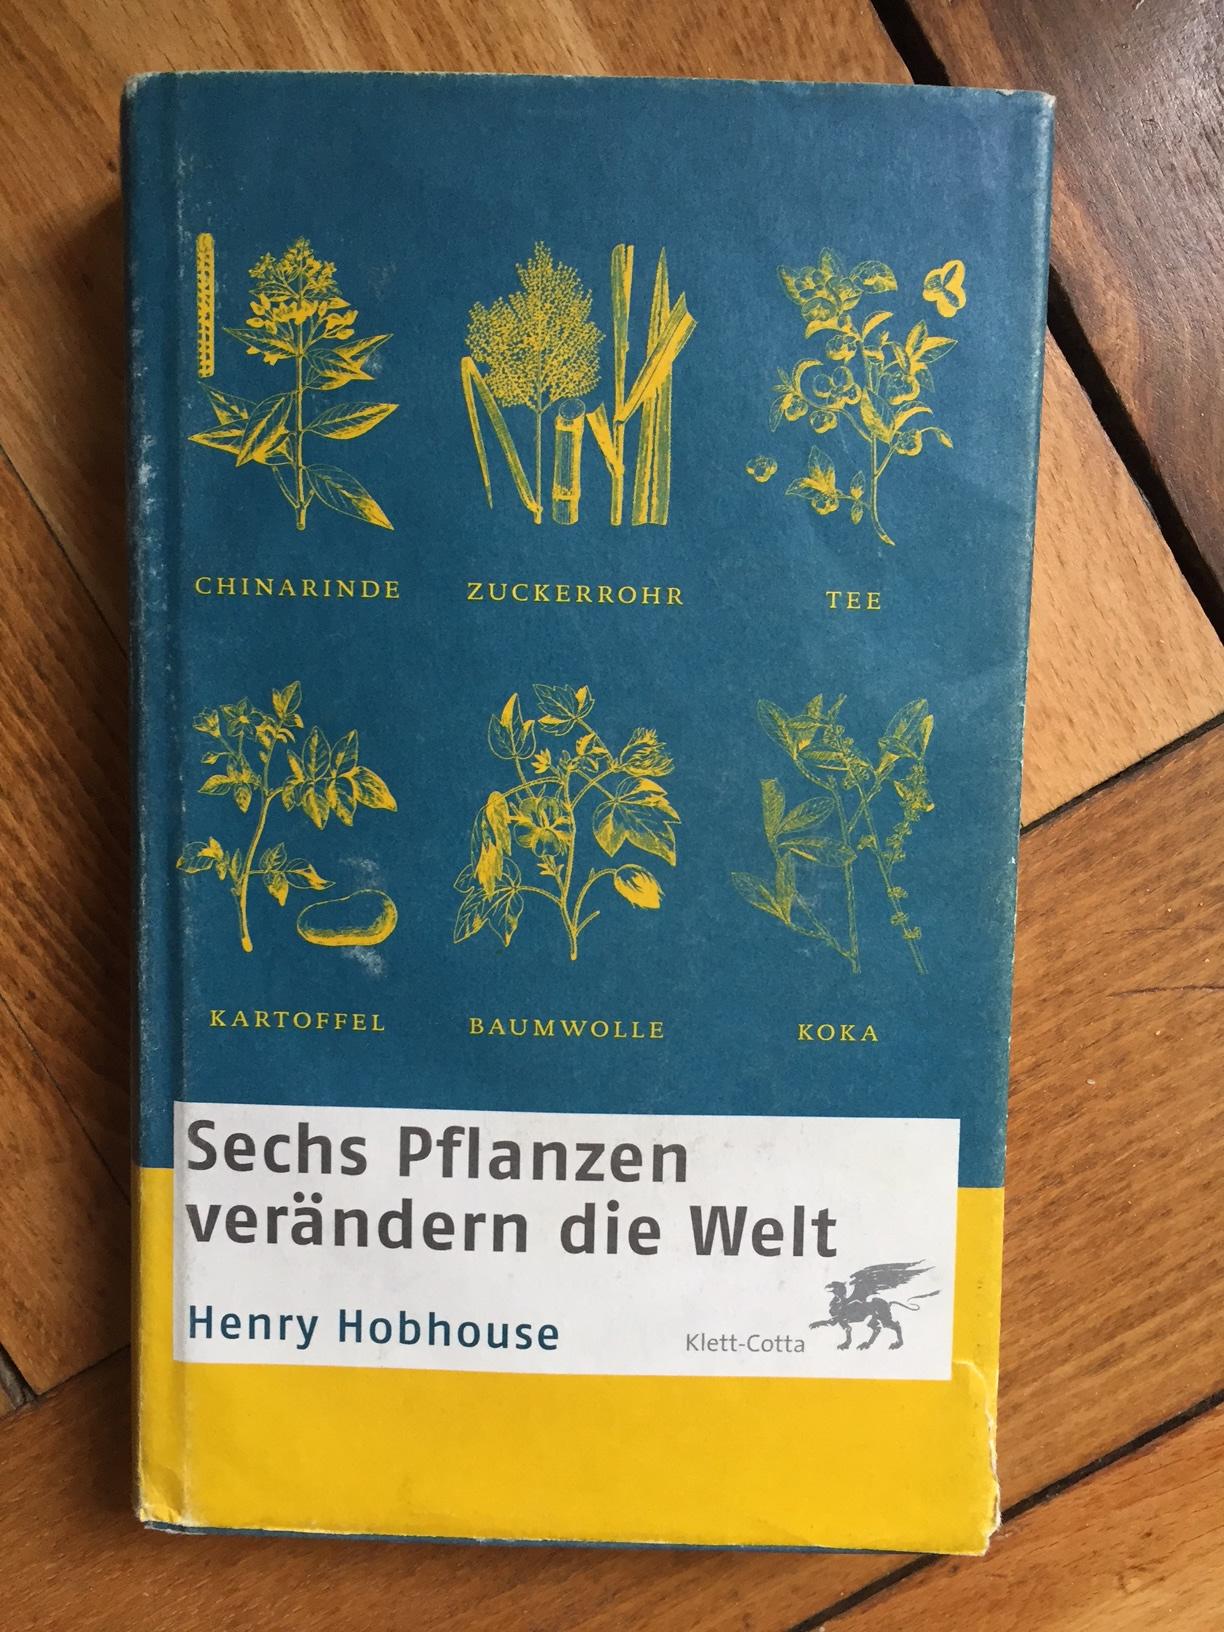 Henry Hobhouse 'Sechs Pflanzen verändern die Welt' - Buch Review